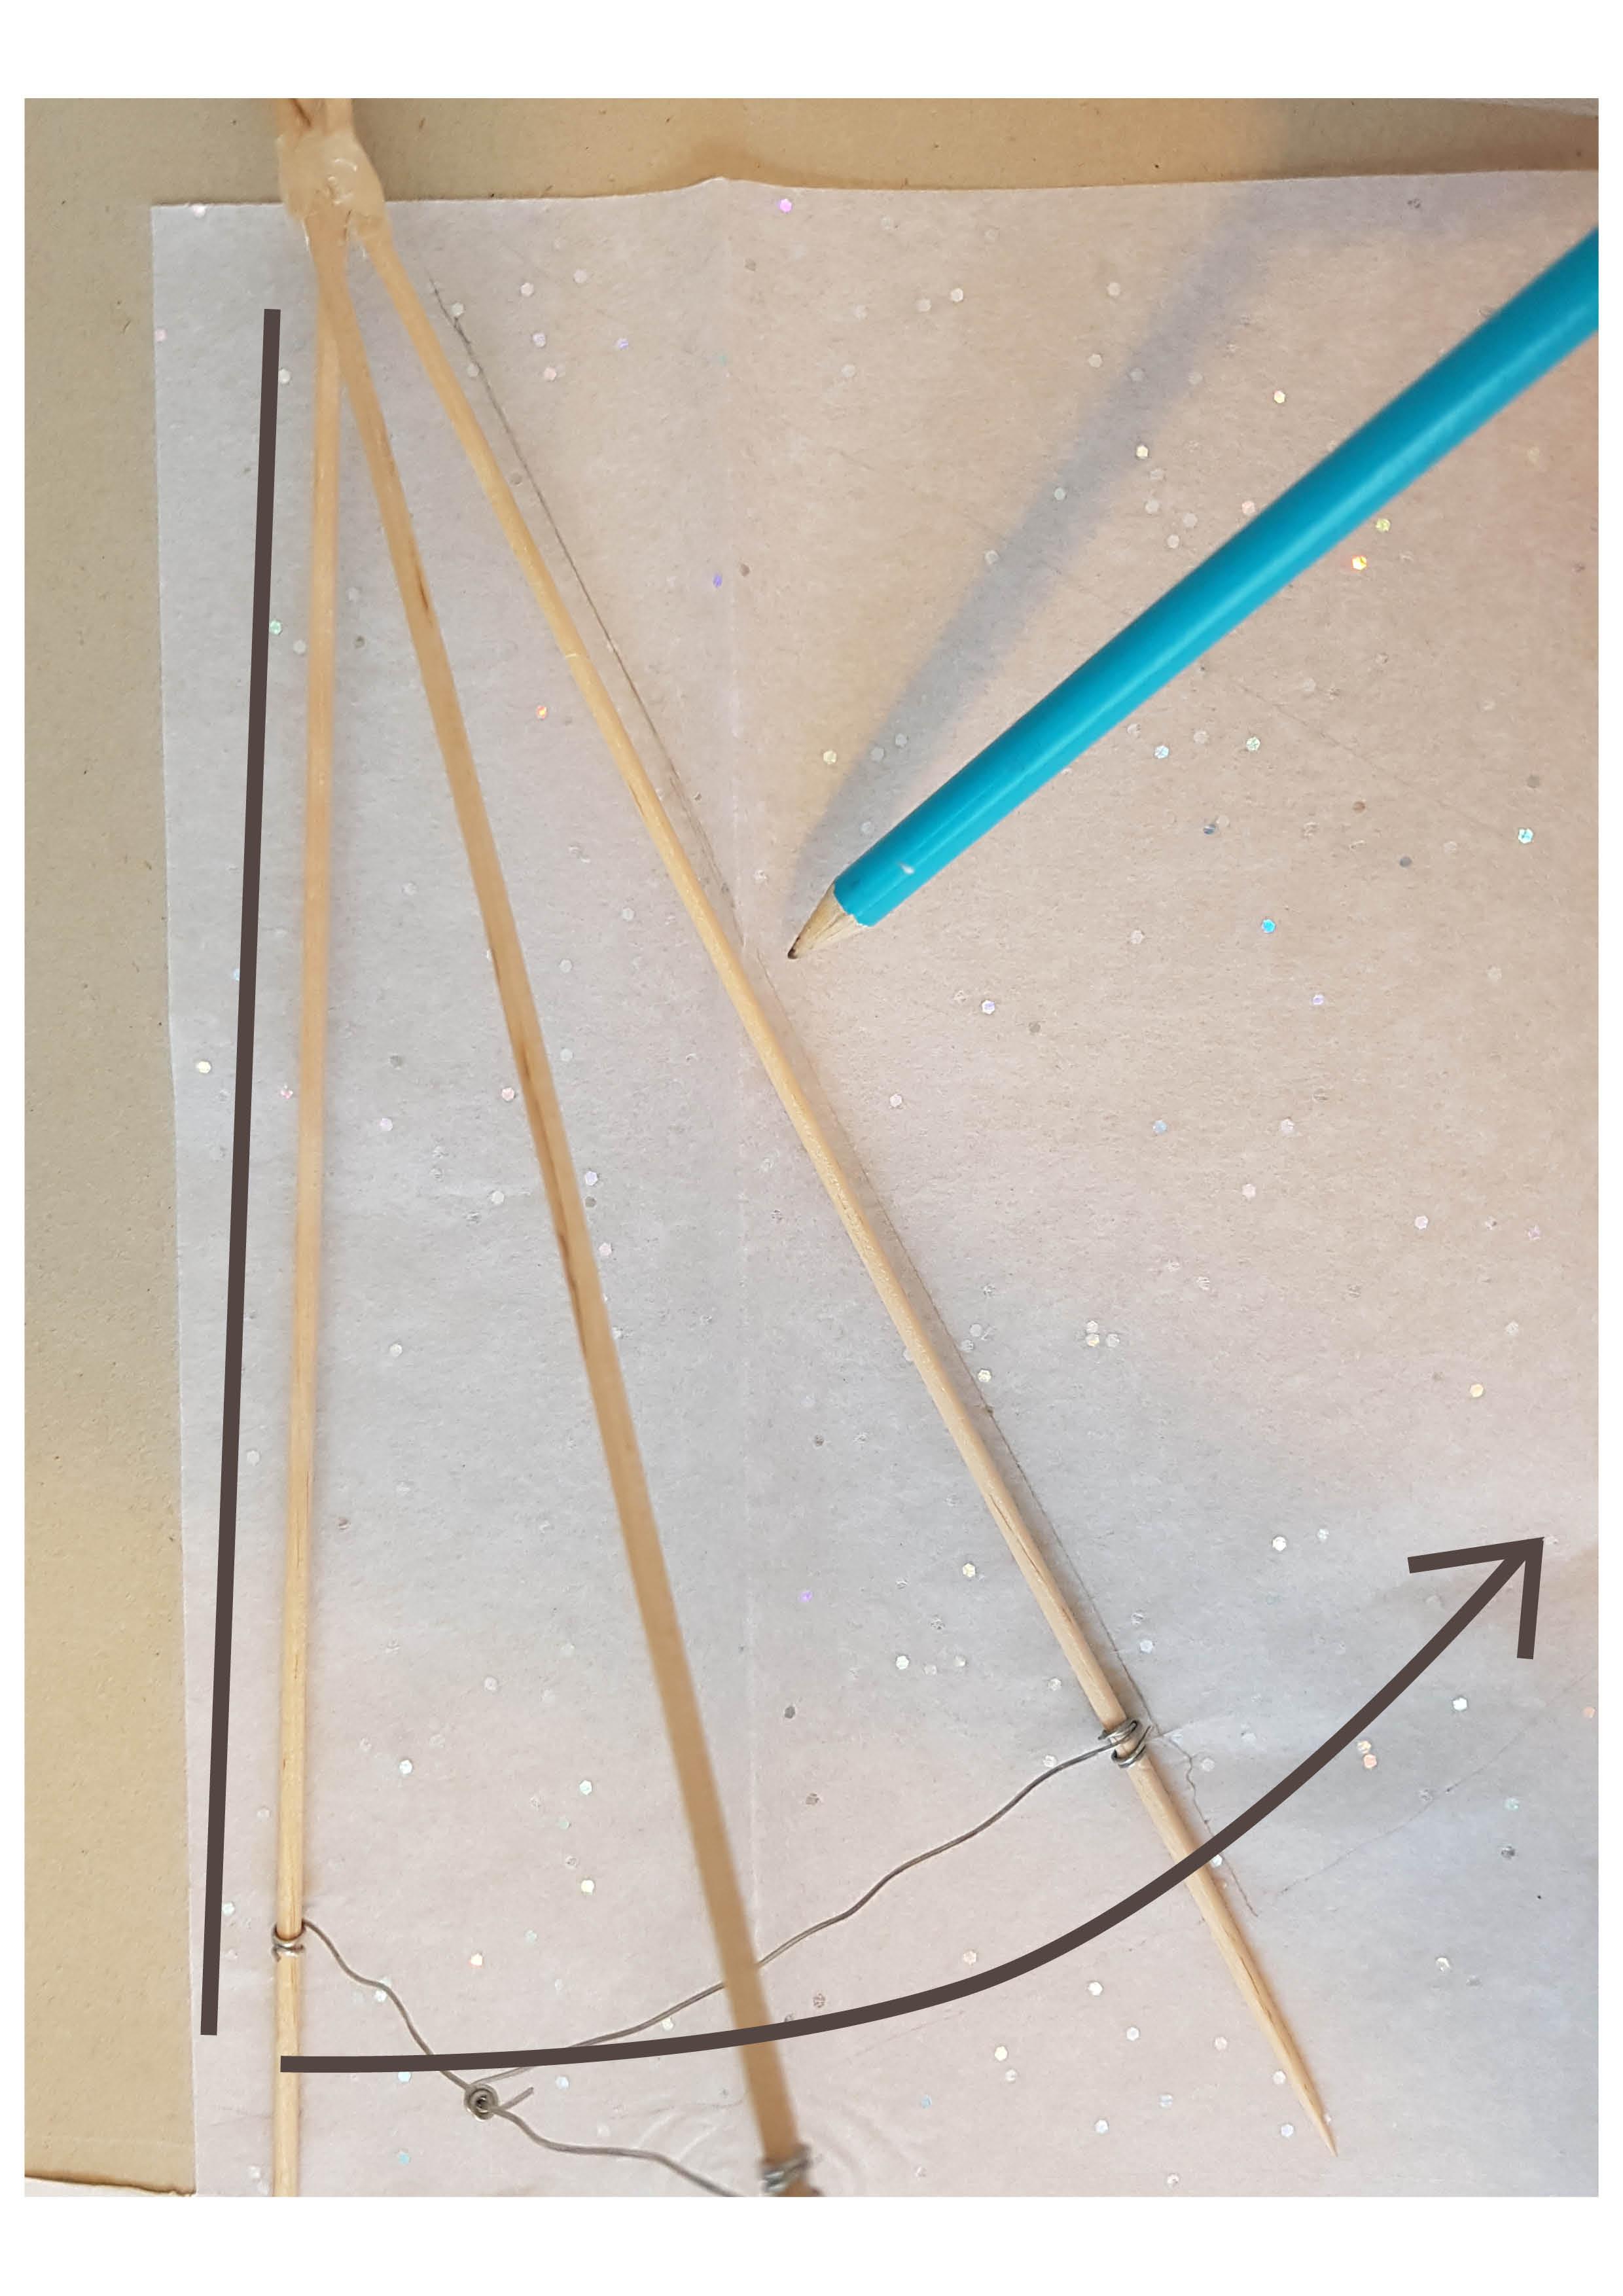 Zeichnung - DIY Tischlaterne aus Papier basteln